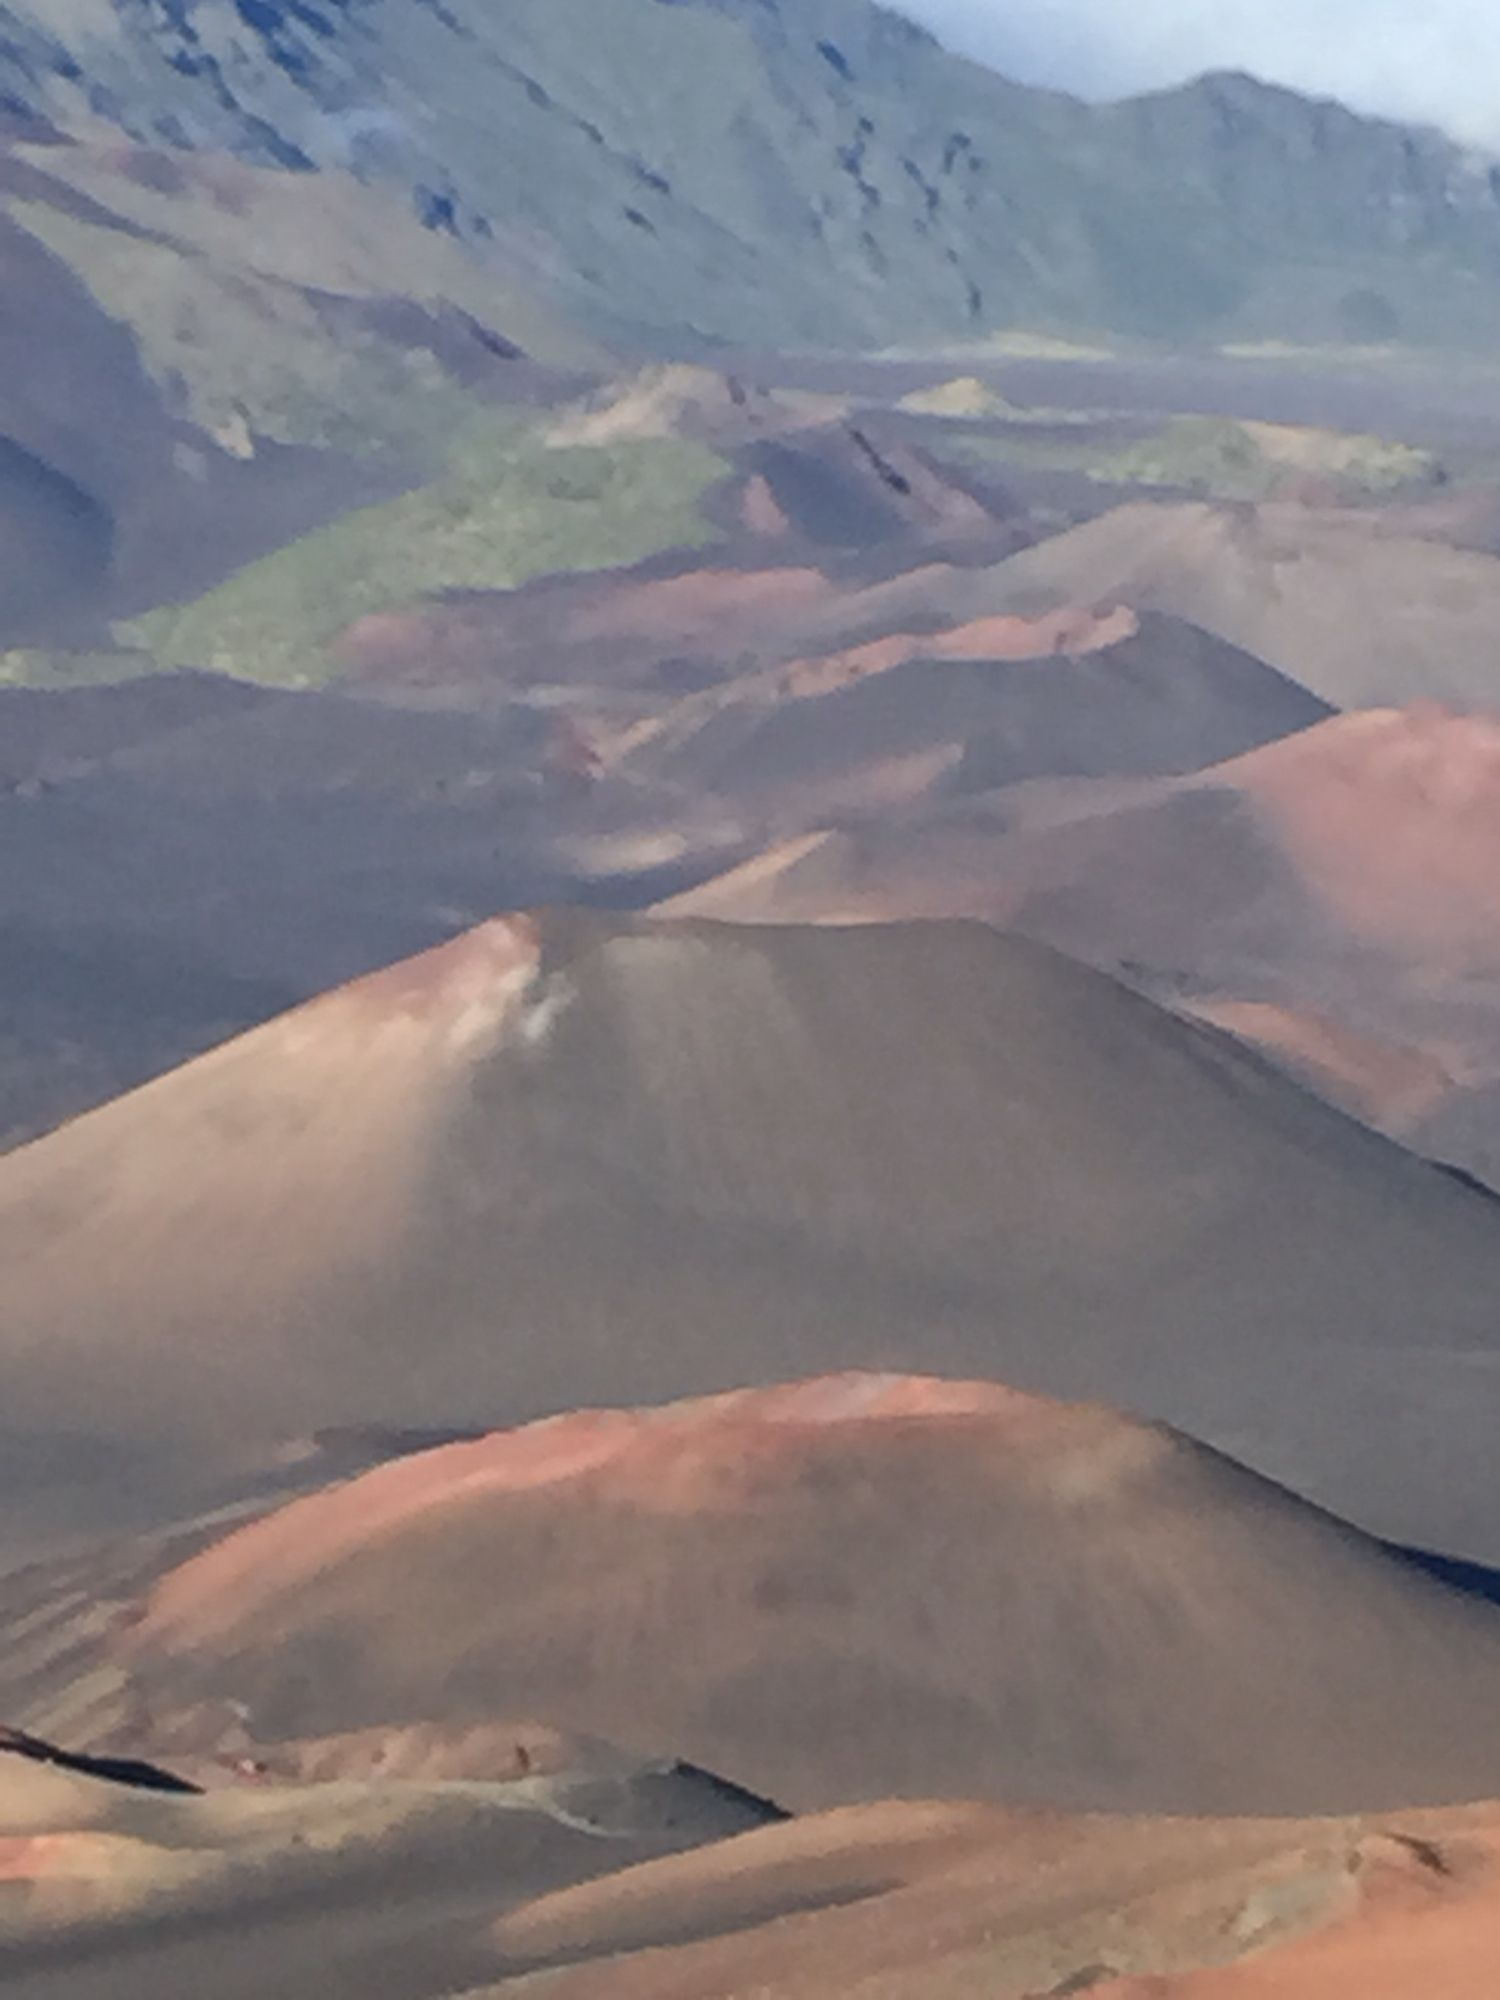 Caldera Volcano Diagram Images Pictures Findpik